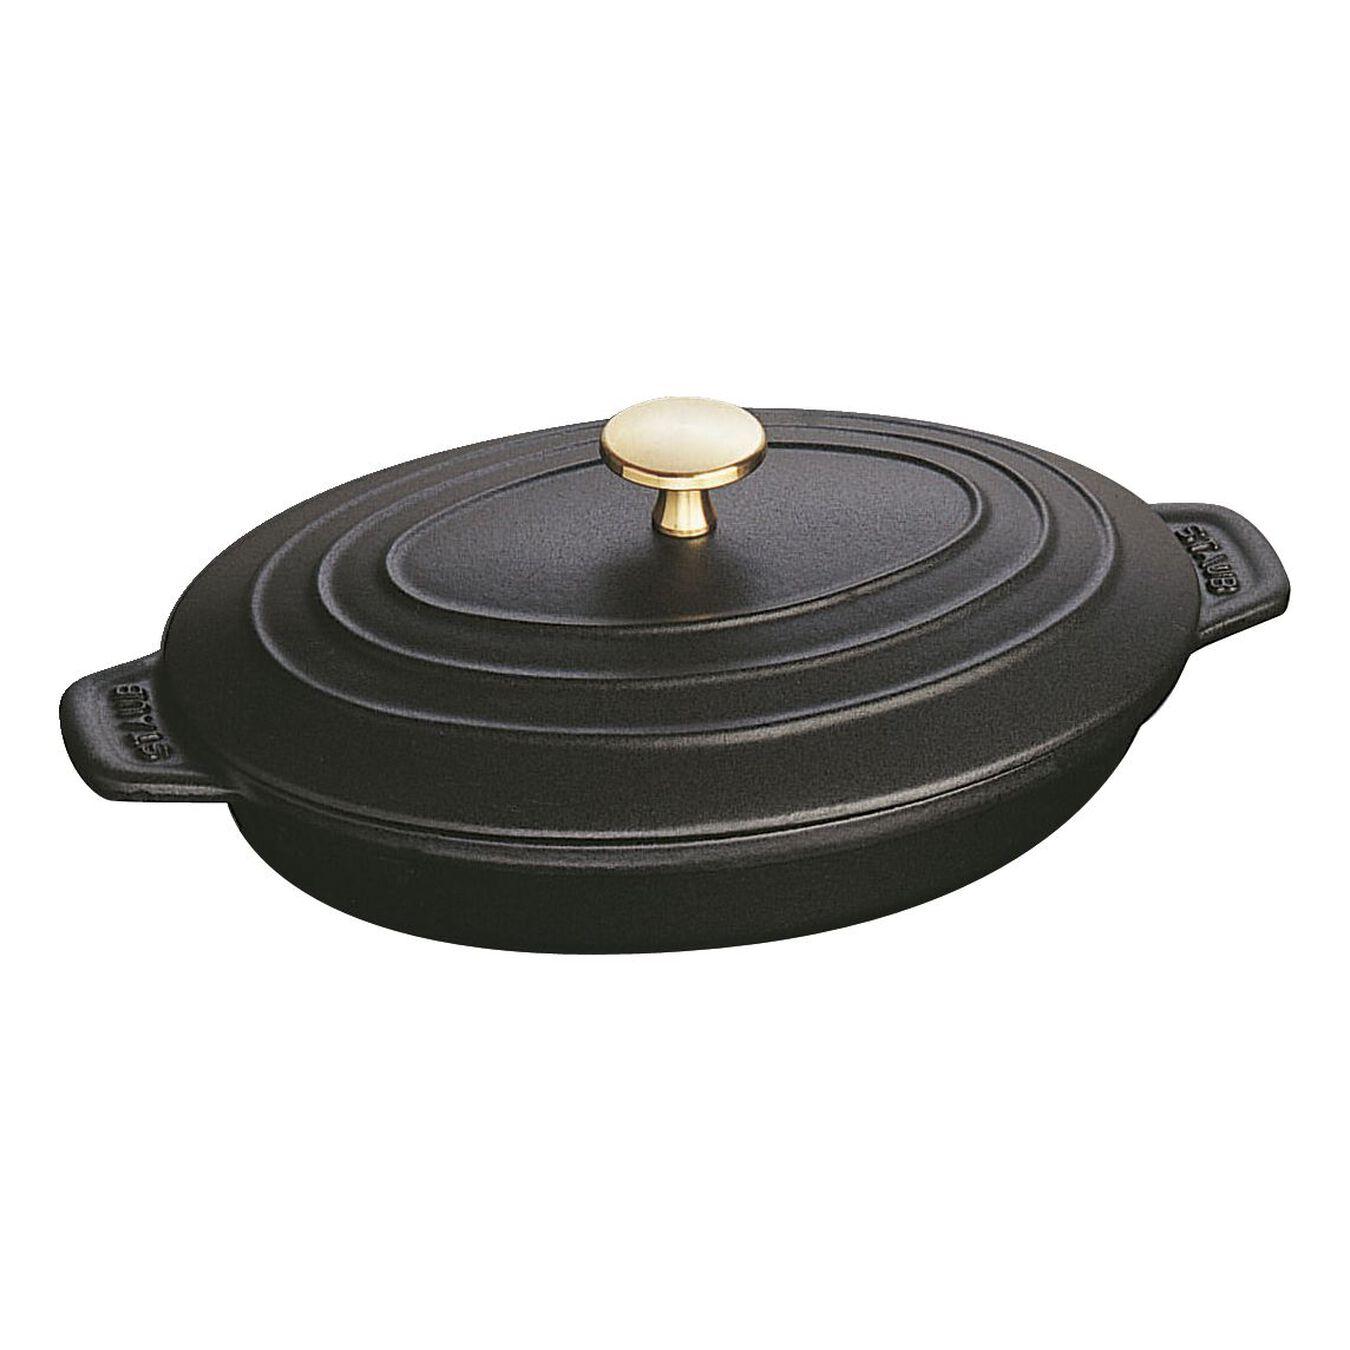 Ovenschotel met deksel 23 cm, Ovaal, Zwart,,large 2